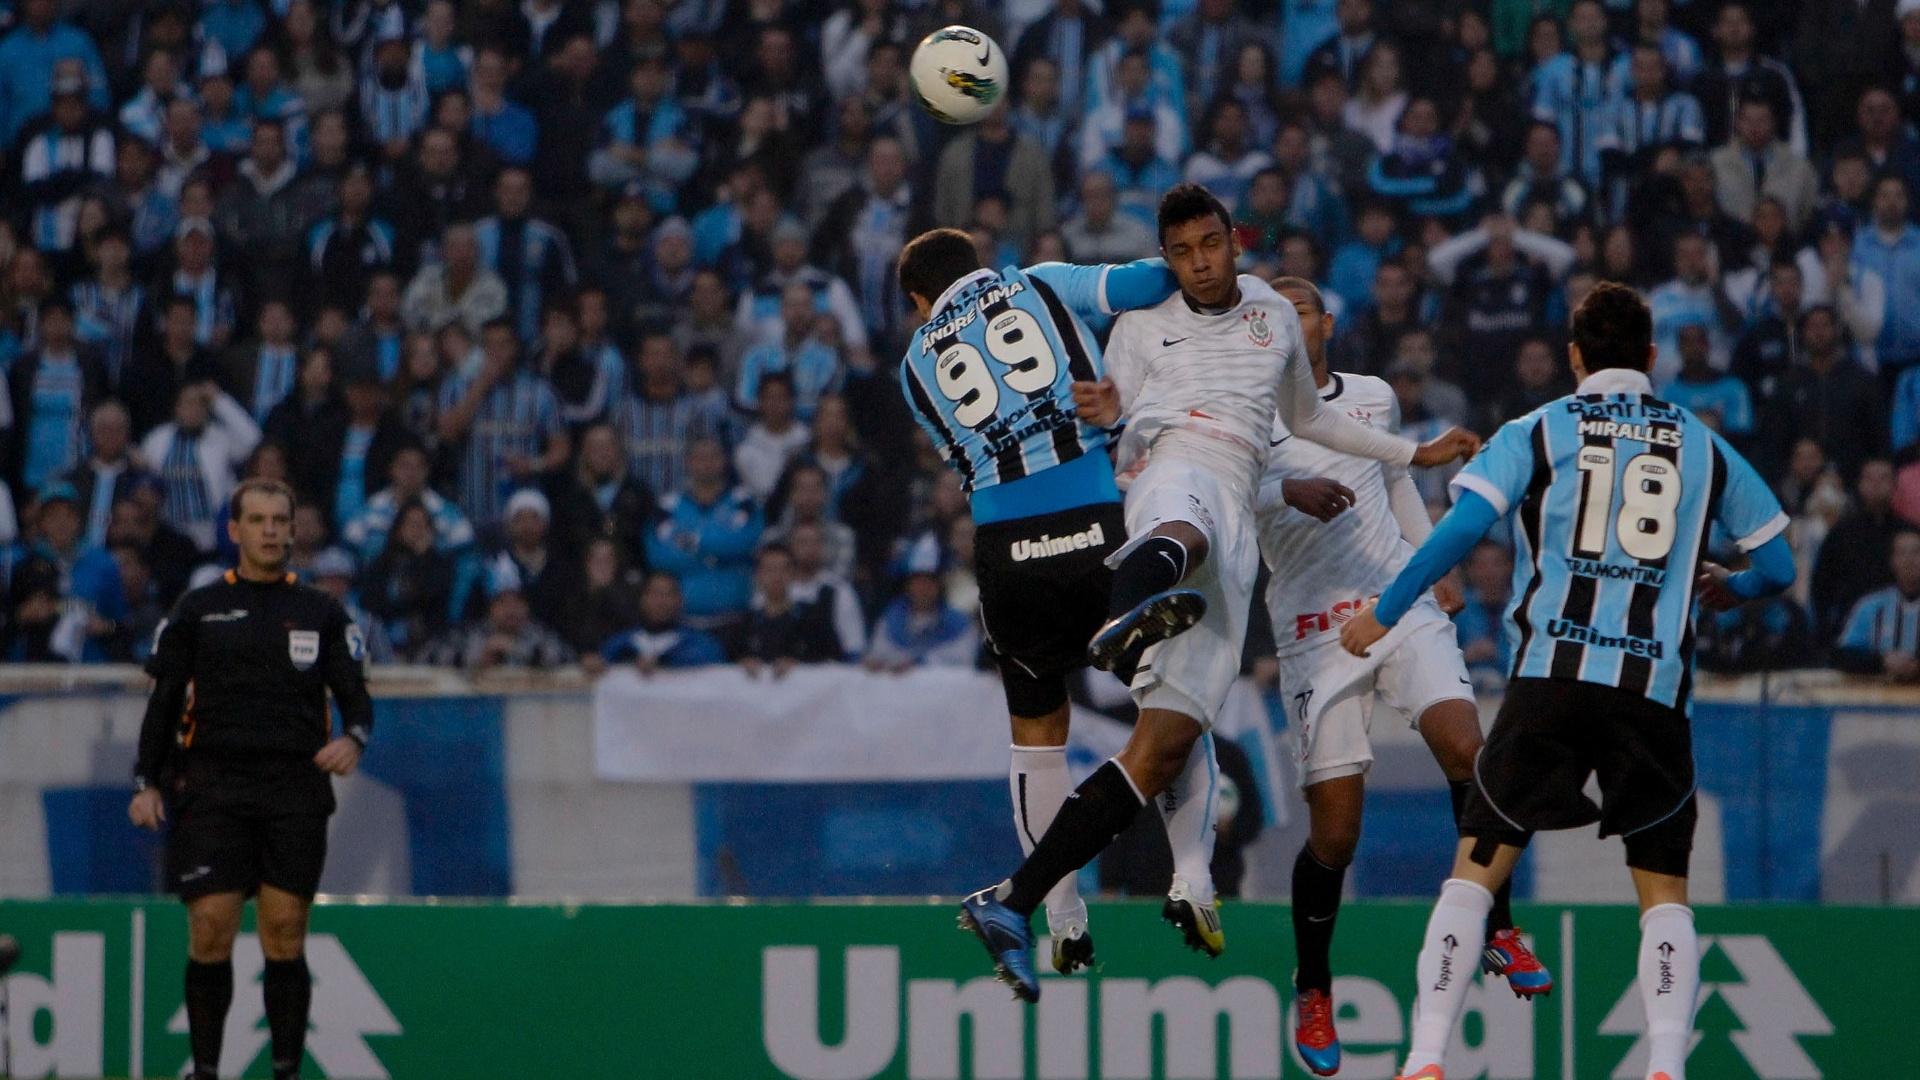 André Lima, atacante do Grêmio, tenta cabeceio após cruzamento durante a partida contra o Grêmio